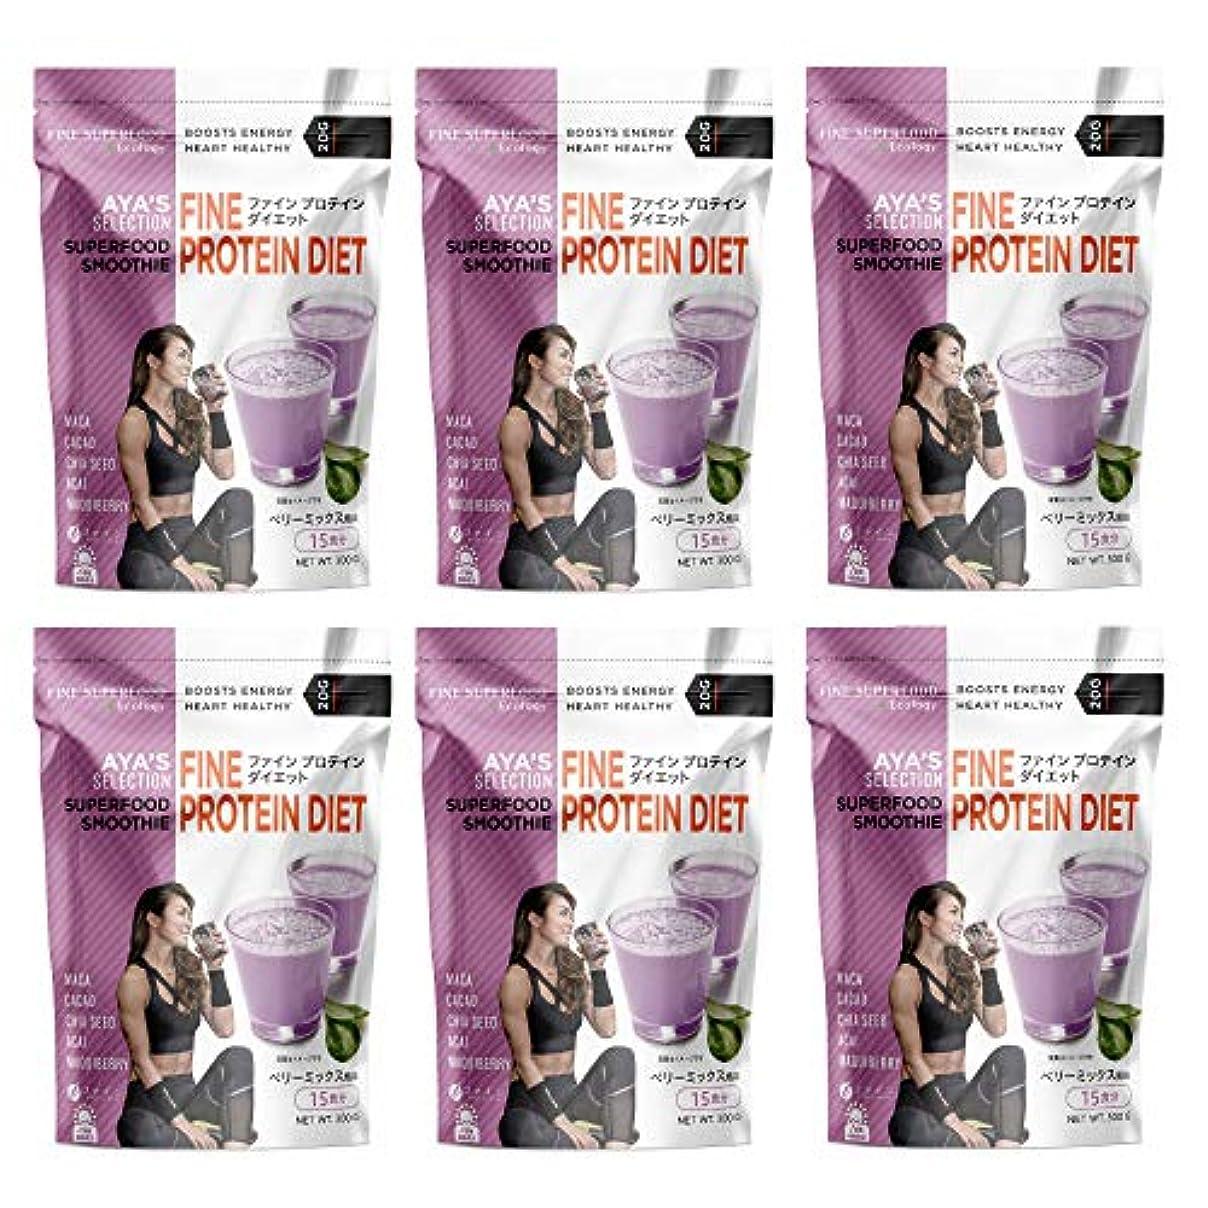 工業化するお手入れ縫い目(6点セット)(サプリメント)ファイン プロテインダイエット AYA'Sセレクション ベリーミックス